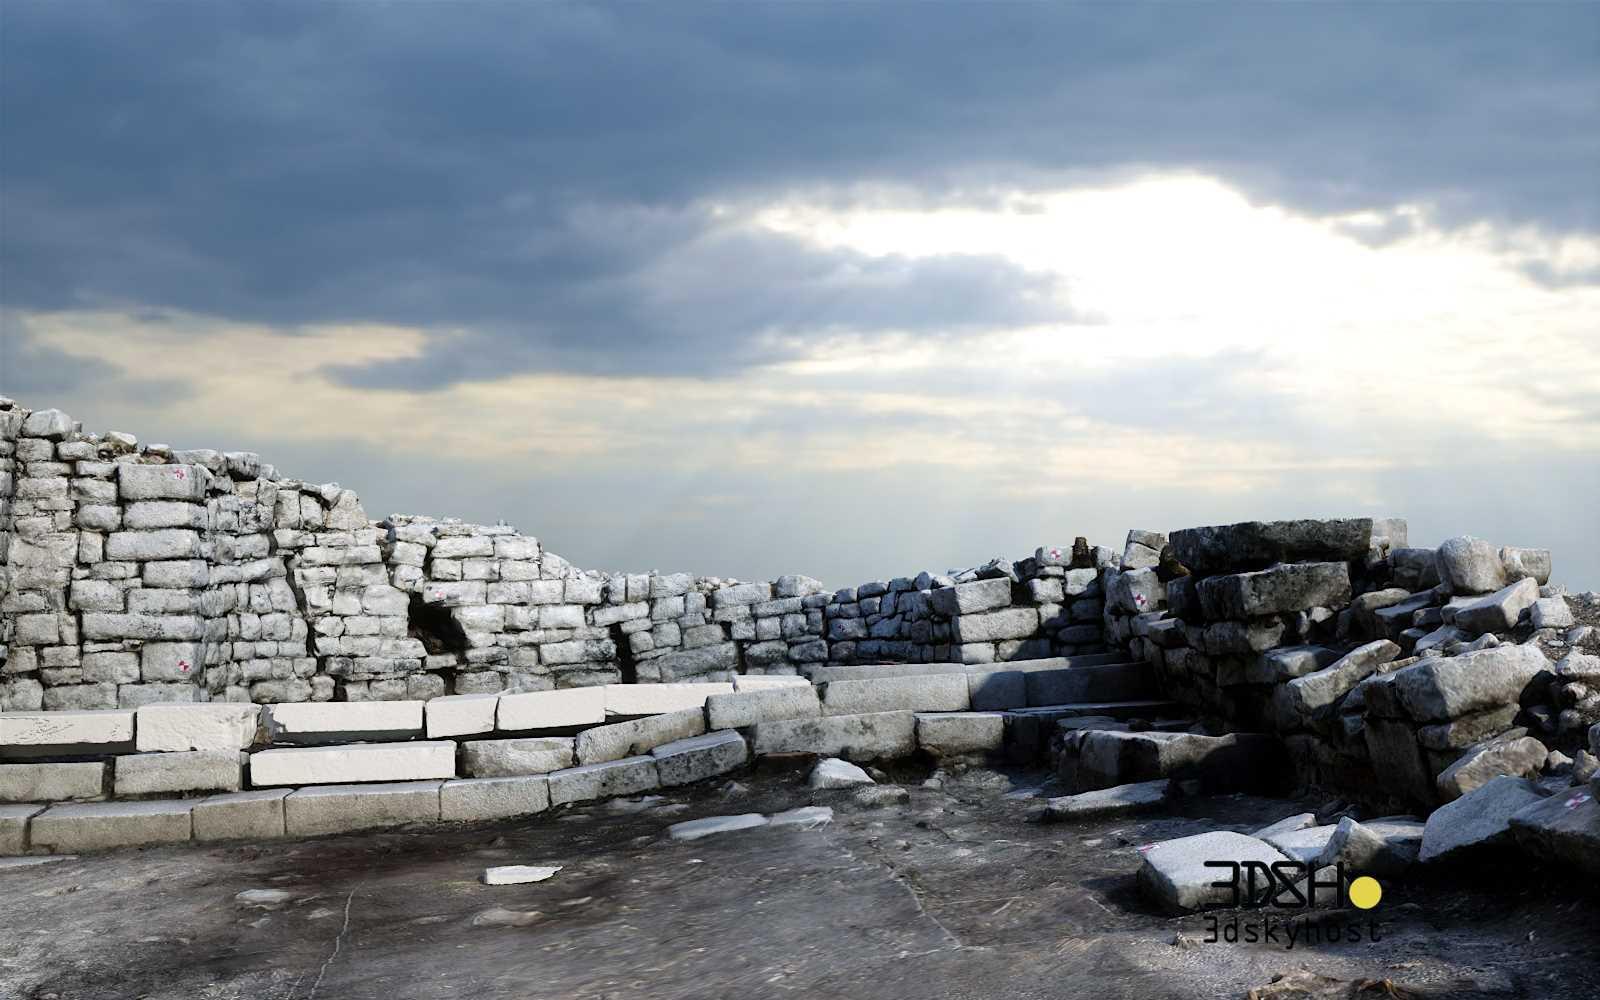 3dSkyHost: 3d model Roman Ruins free download